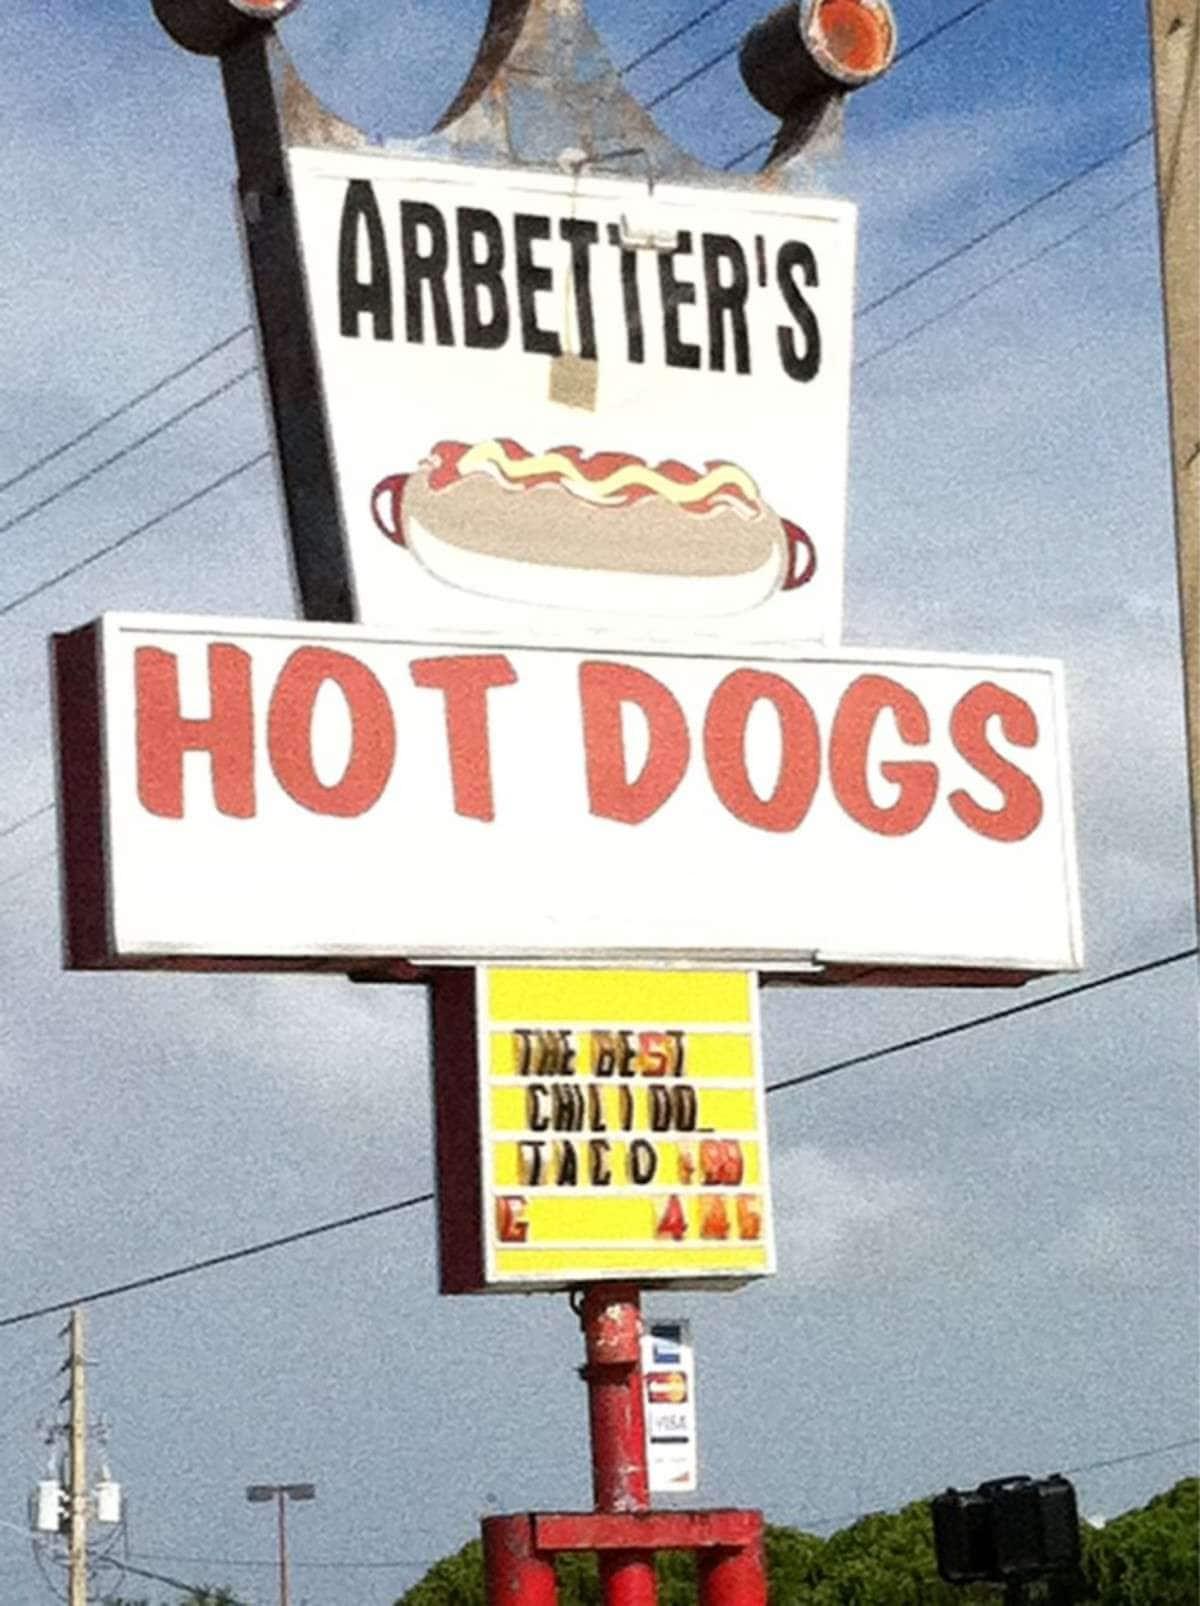 Arbetter Hotdogs Cocoa Melbourne UrbanspoonZomato